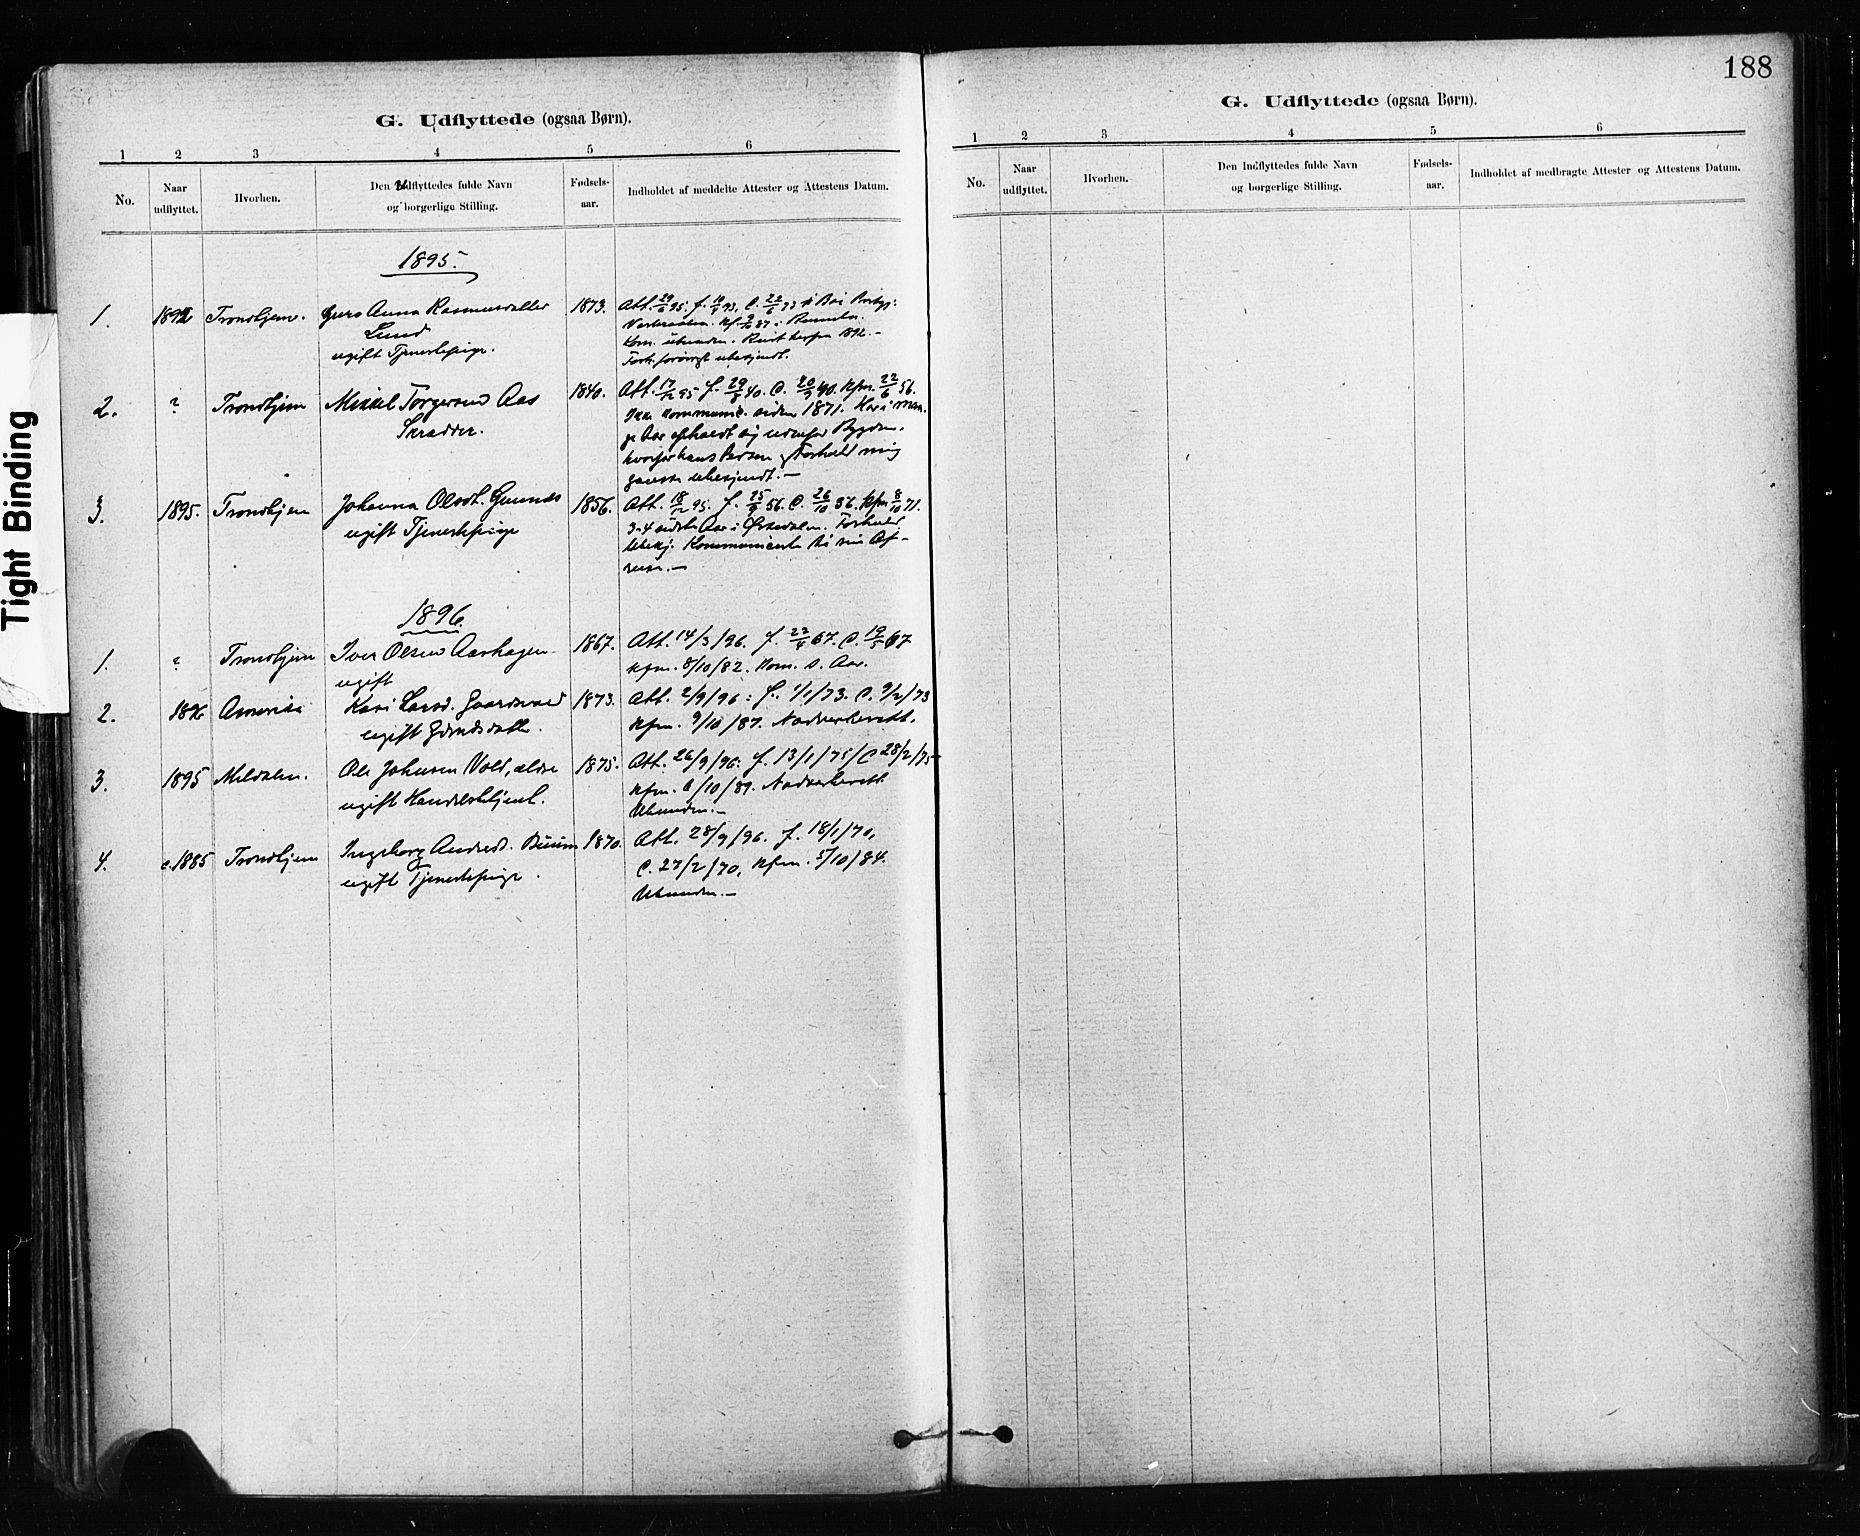 SAT, Ministerialprotokoller, klokkerbøker og fødselsregistre - Sør-Trøndelag, 674/L0871: Ministerialbok nr. 674A03, 1880-1896, s. 188